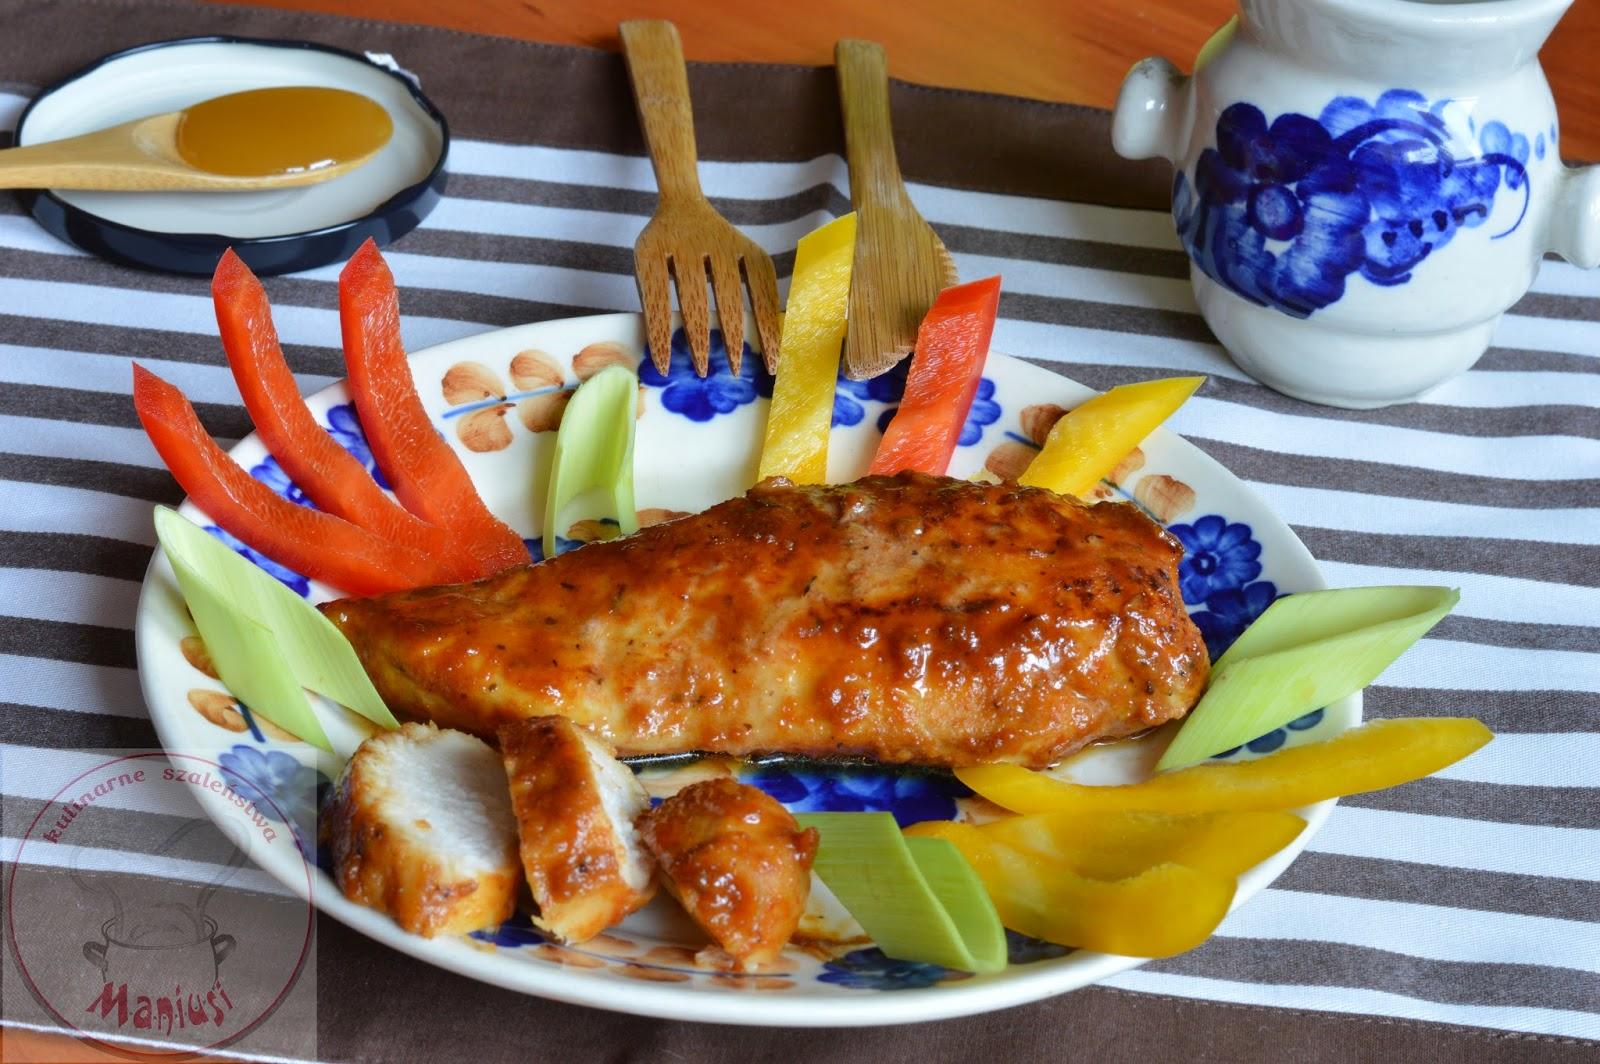 Filet z kurczaka w marynacie z miodu i sosu sojowego